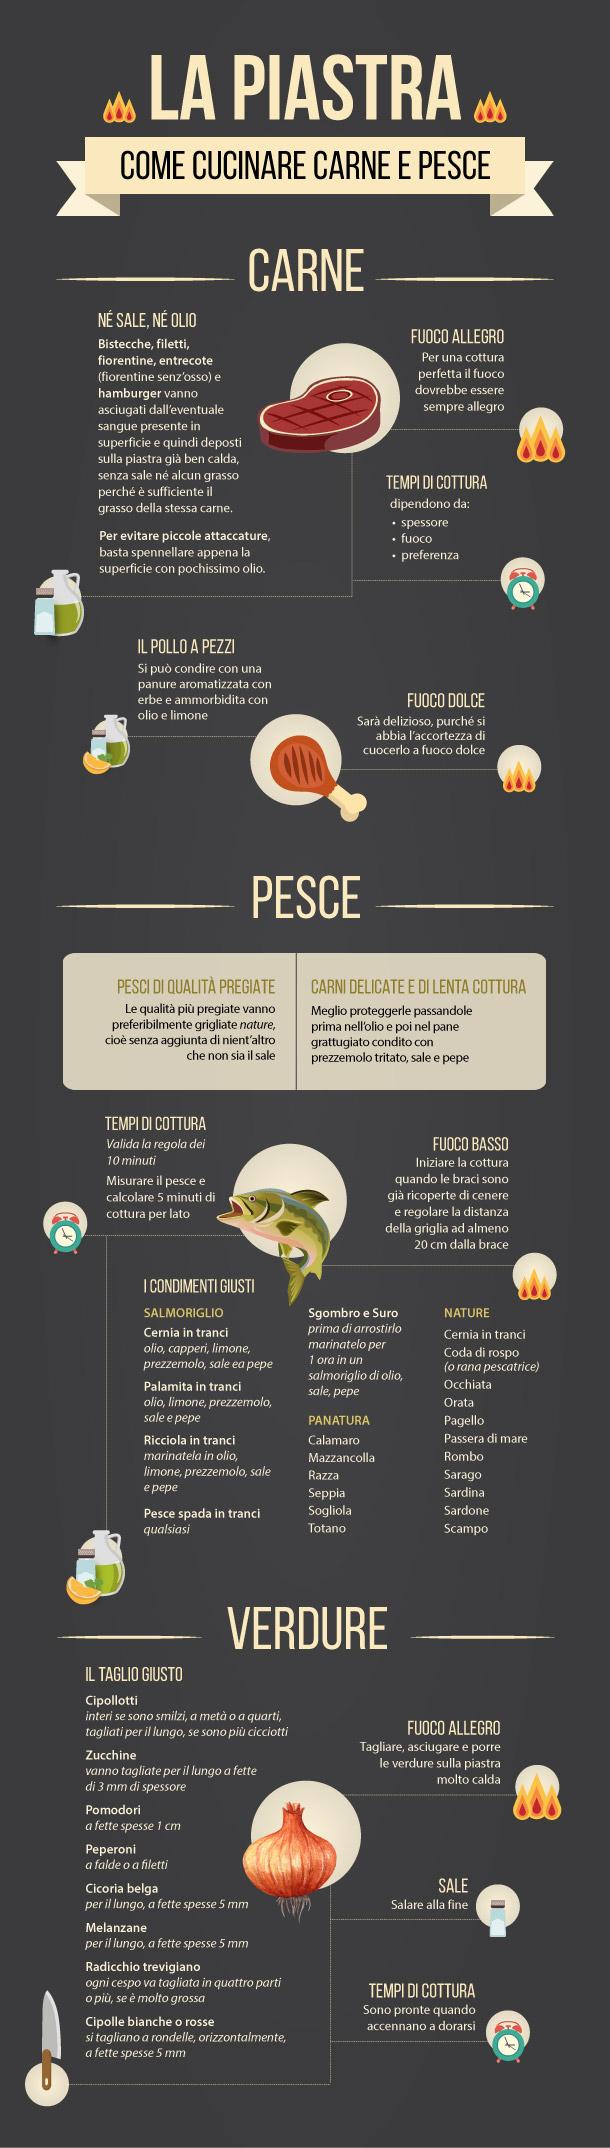 Cucinare alla piastra infografica